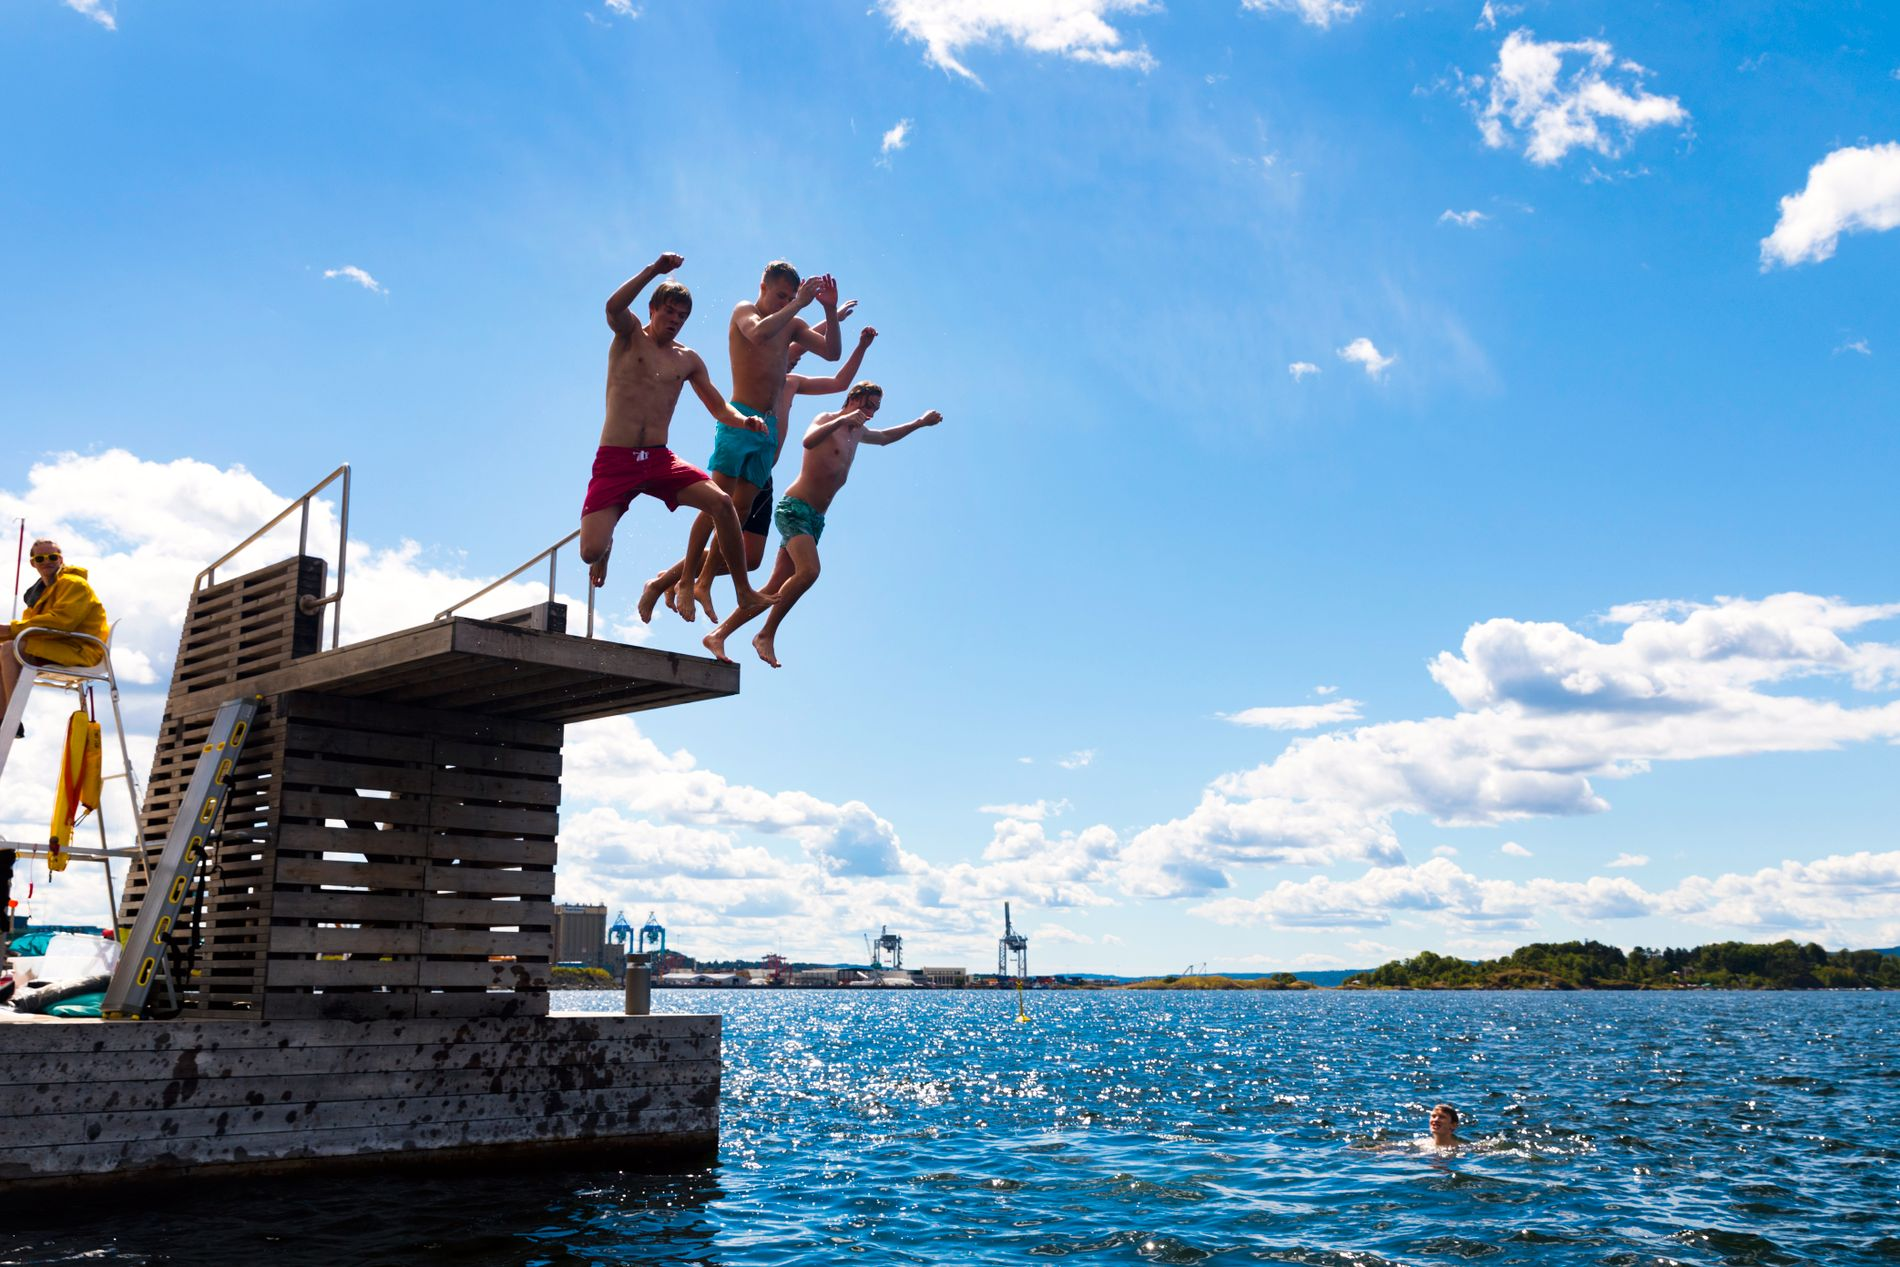 SØRENGA: Mange kjøler seg ned i det populære sjøbadet på Sørenga i Oslo om sommeren.